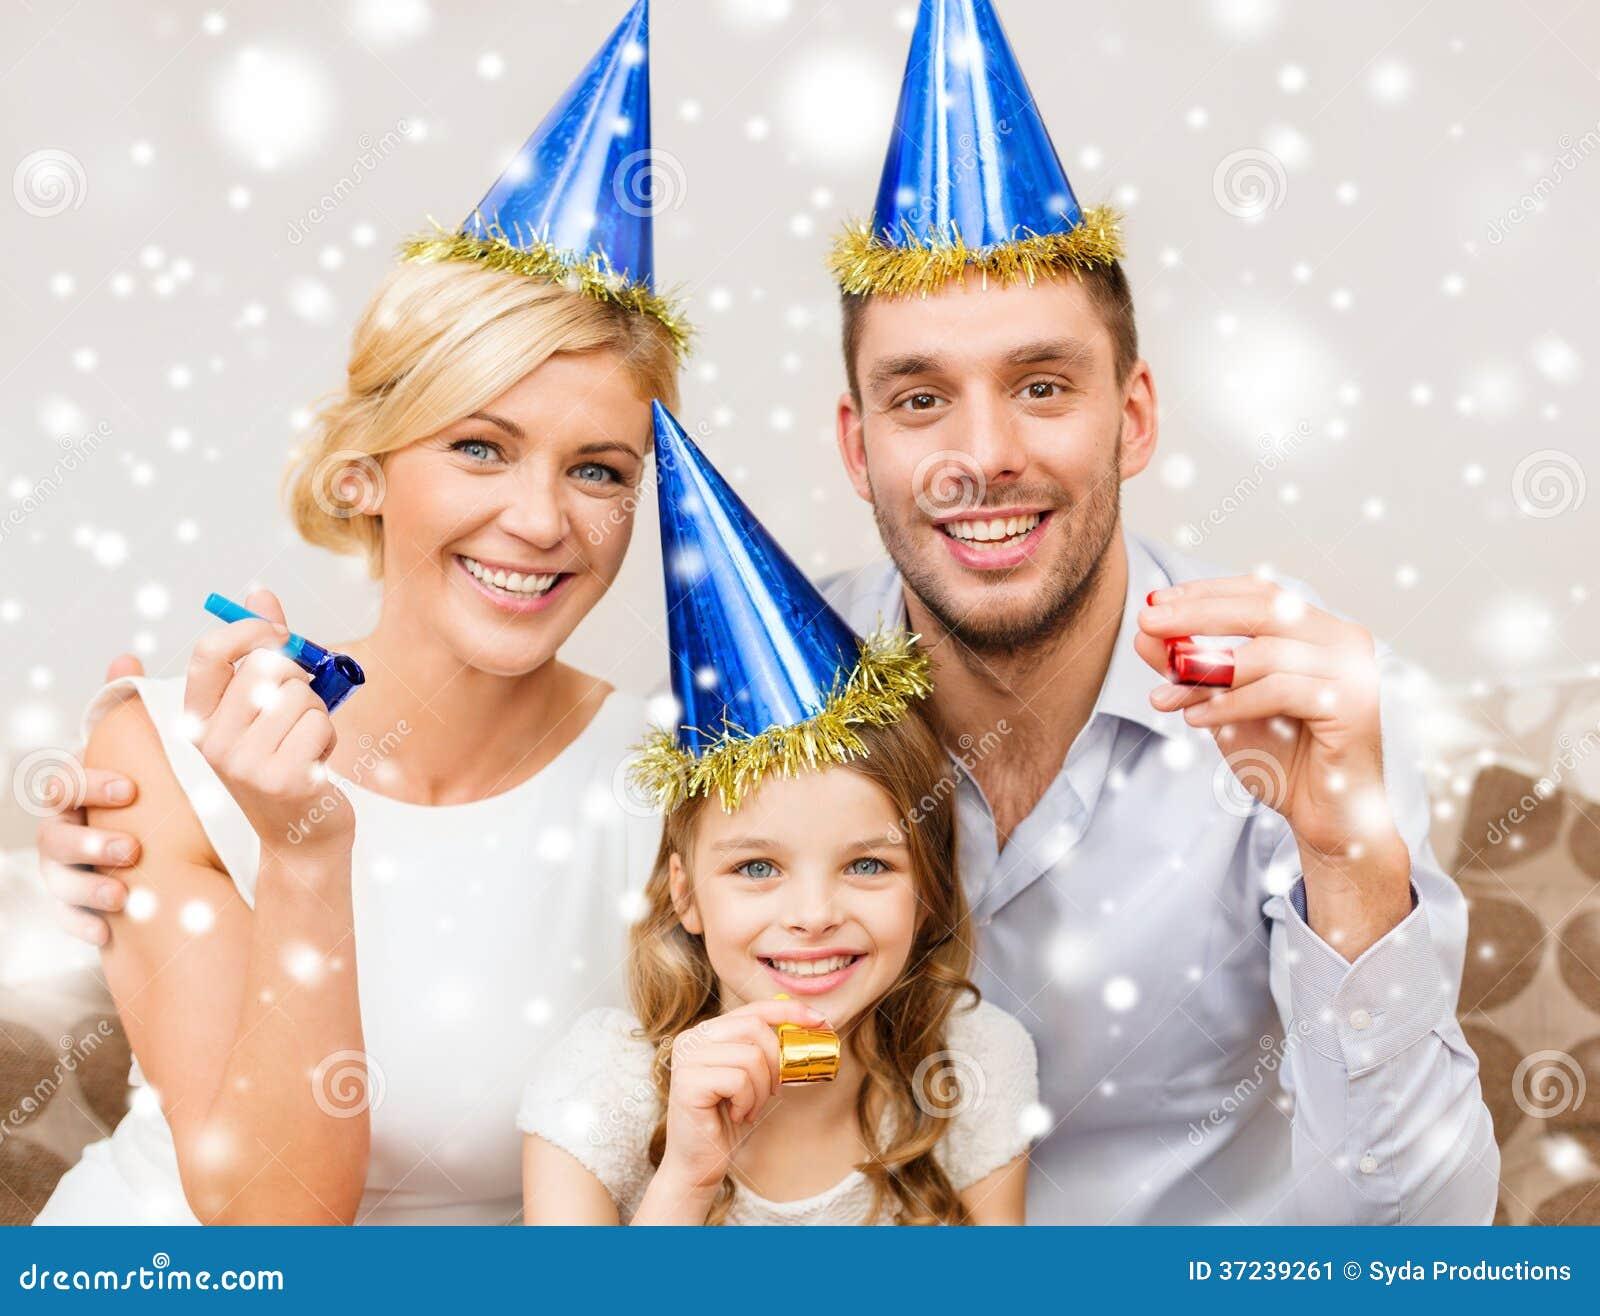 Famille de sourire dans des chapeaux bleus soufflant des klaxons de faveur